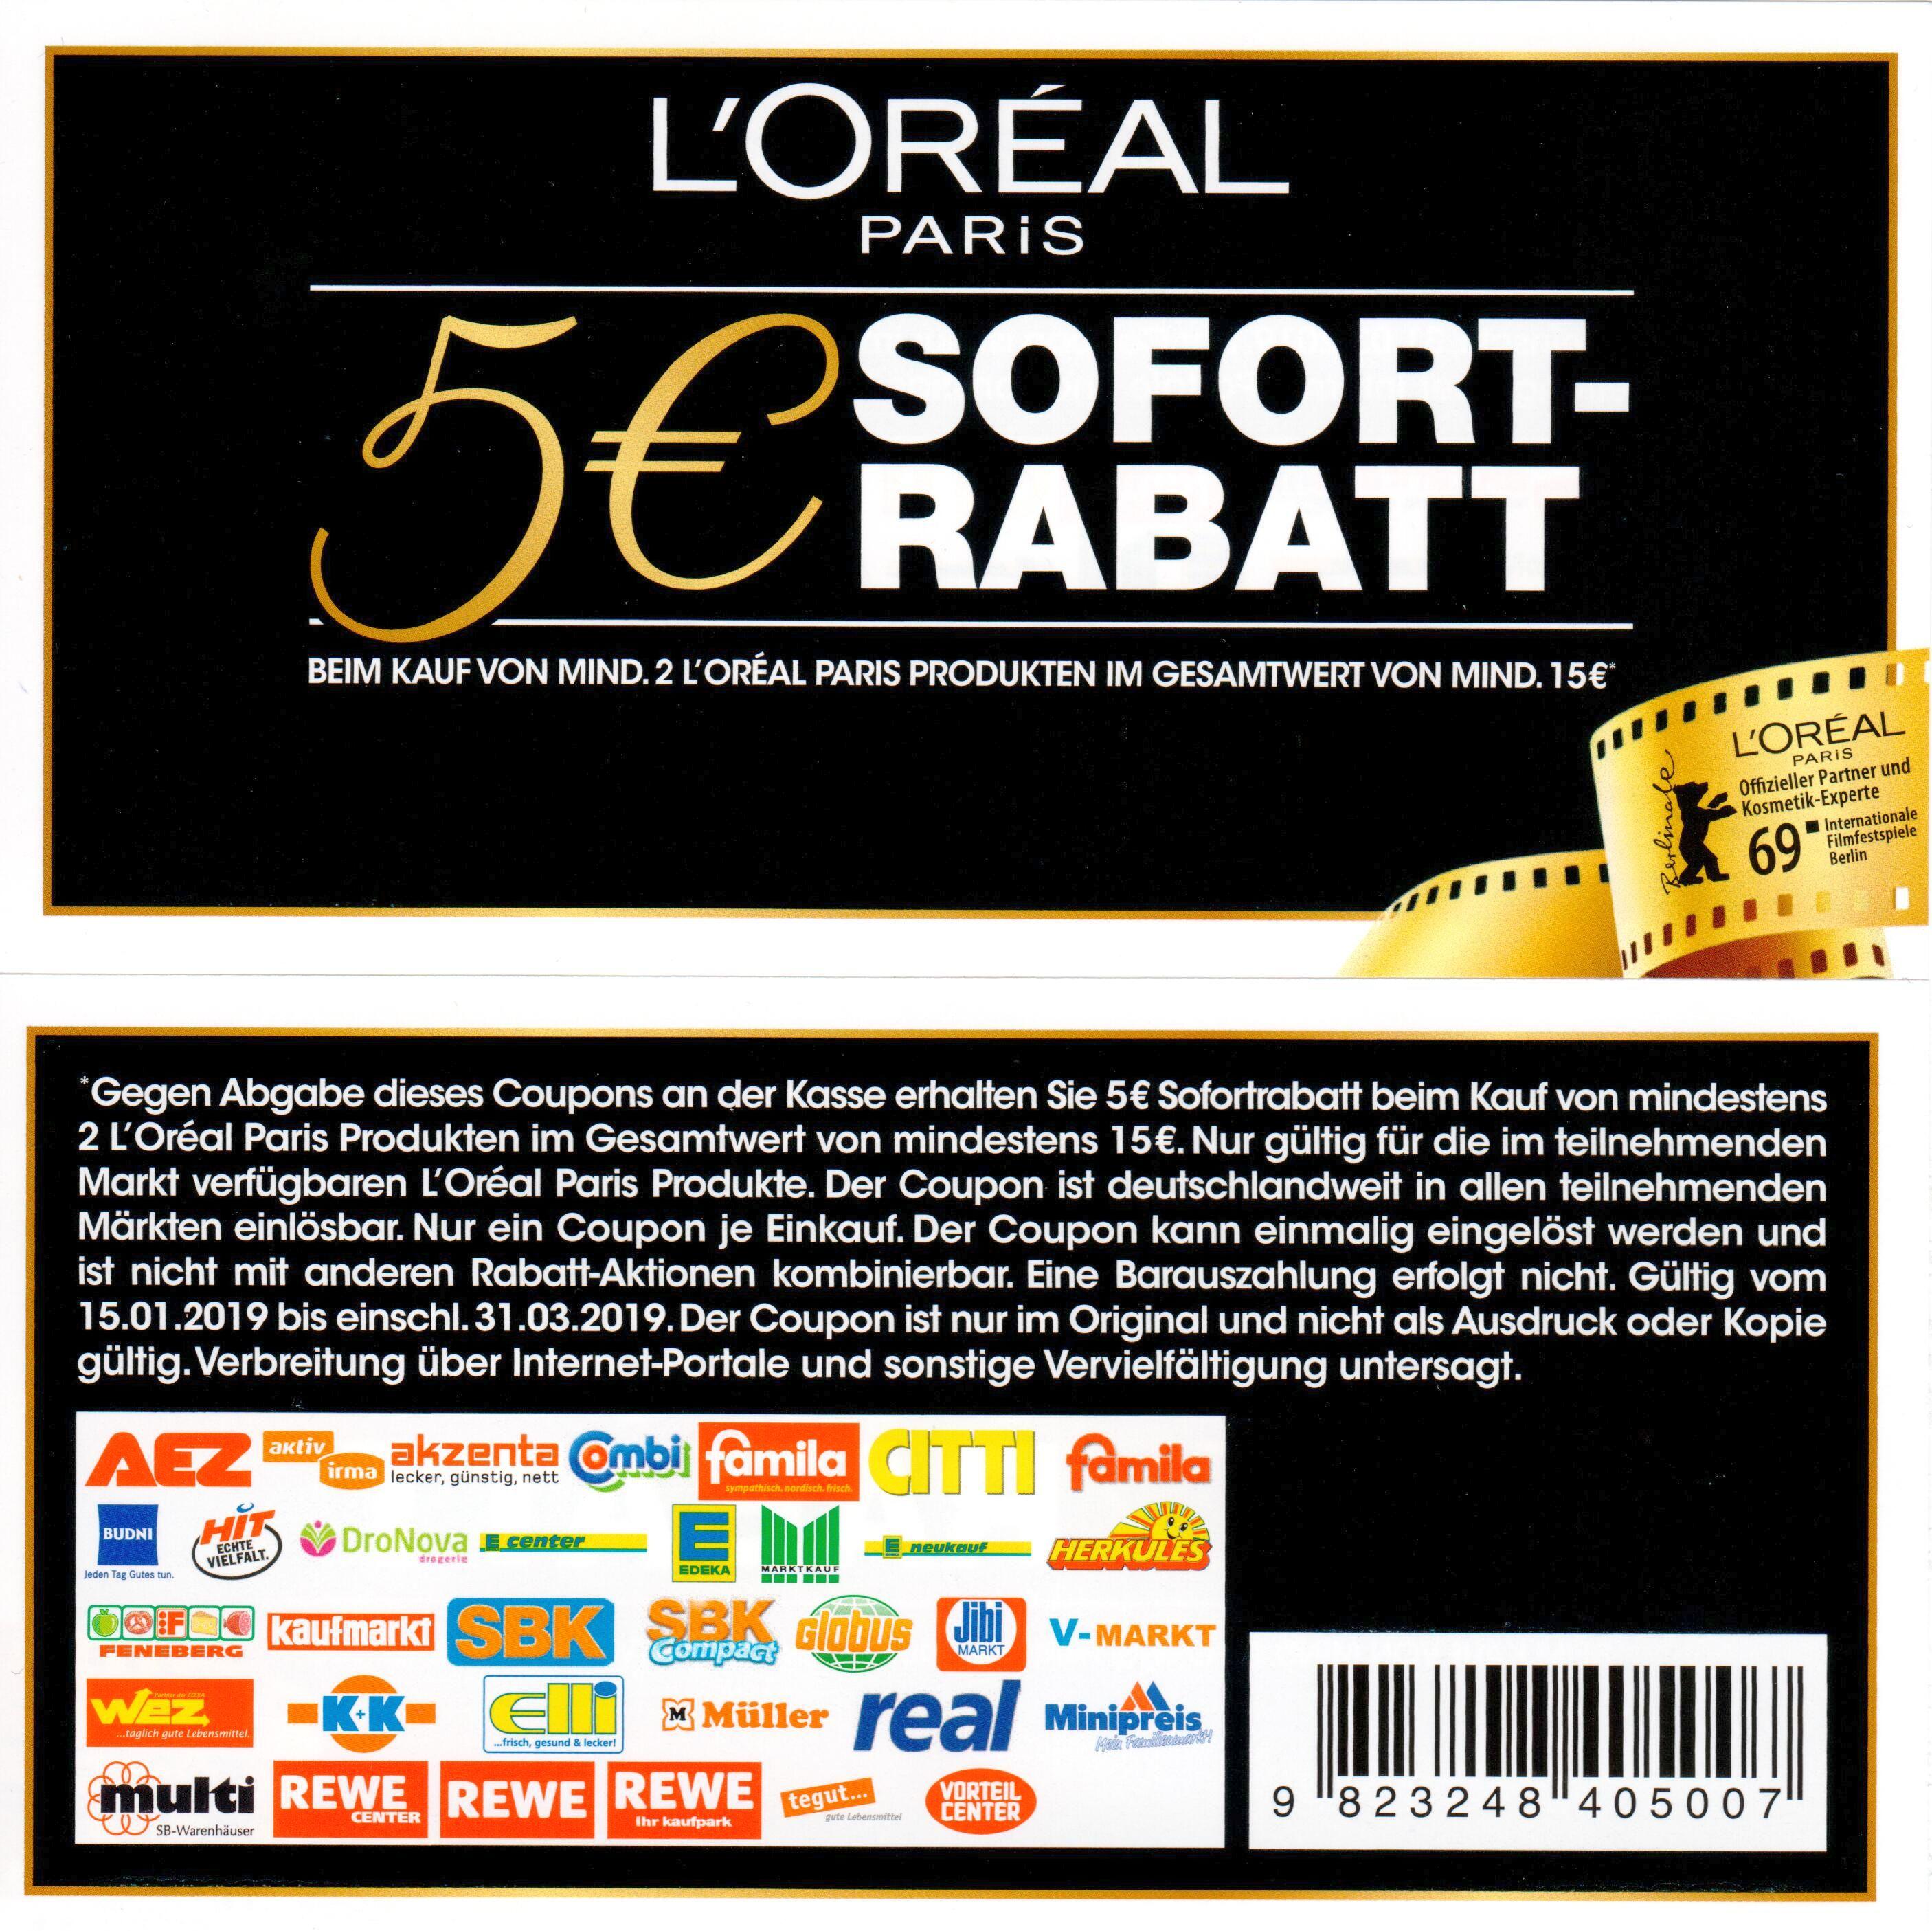 Neuer 5€ L'Oréal Paris Sofort-Rabatt Coupon ab 2 Produkten im Wert von 15€ bis 31.03.2019 (abweichende EAN)